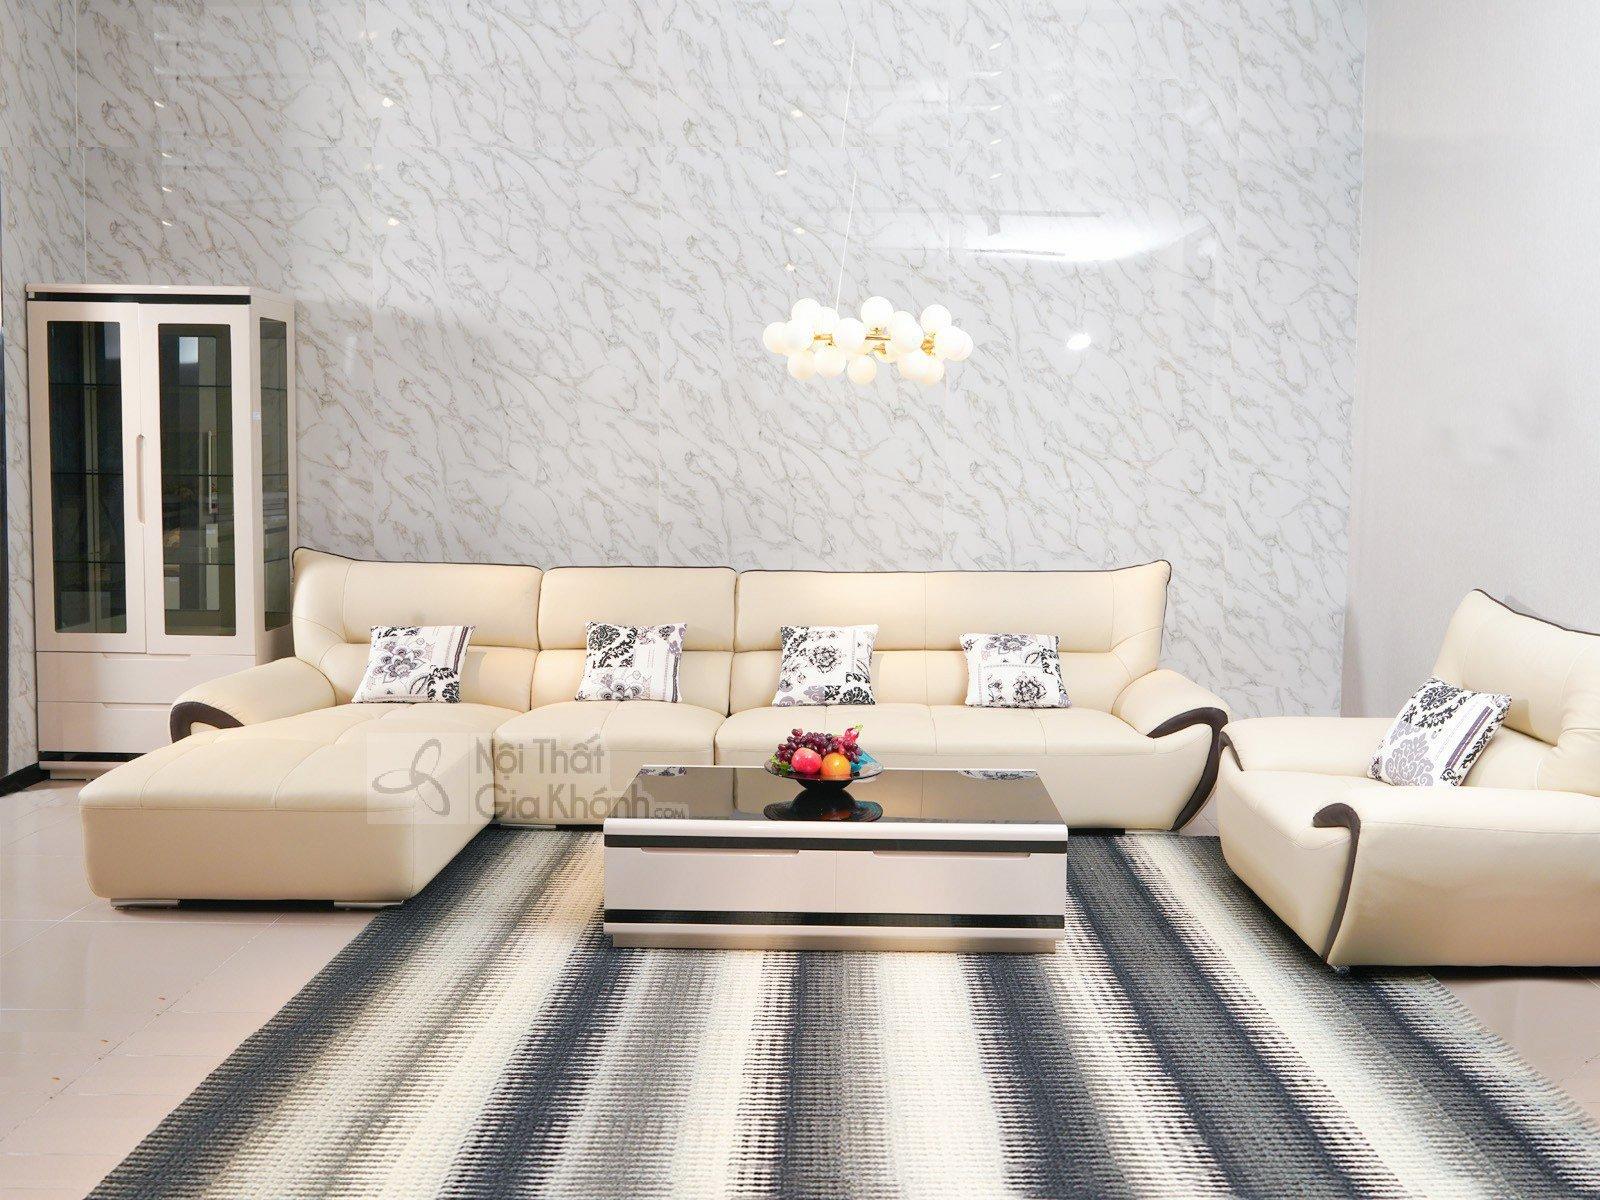 sofa hien dai 3334SF 2 1 2 - Bàn trà (Bàn sofa) gỗ phòng khách hiện đại mặt kính nhập khẩu BT3311K